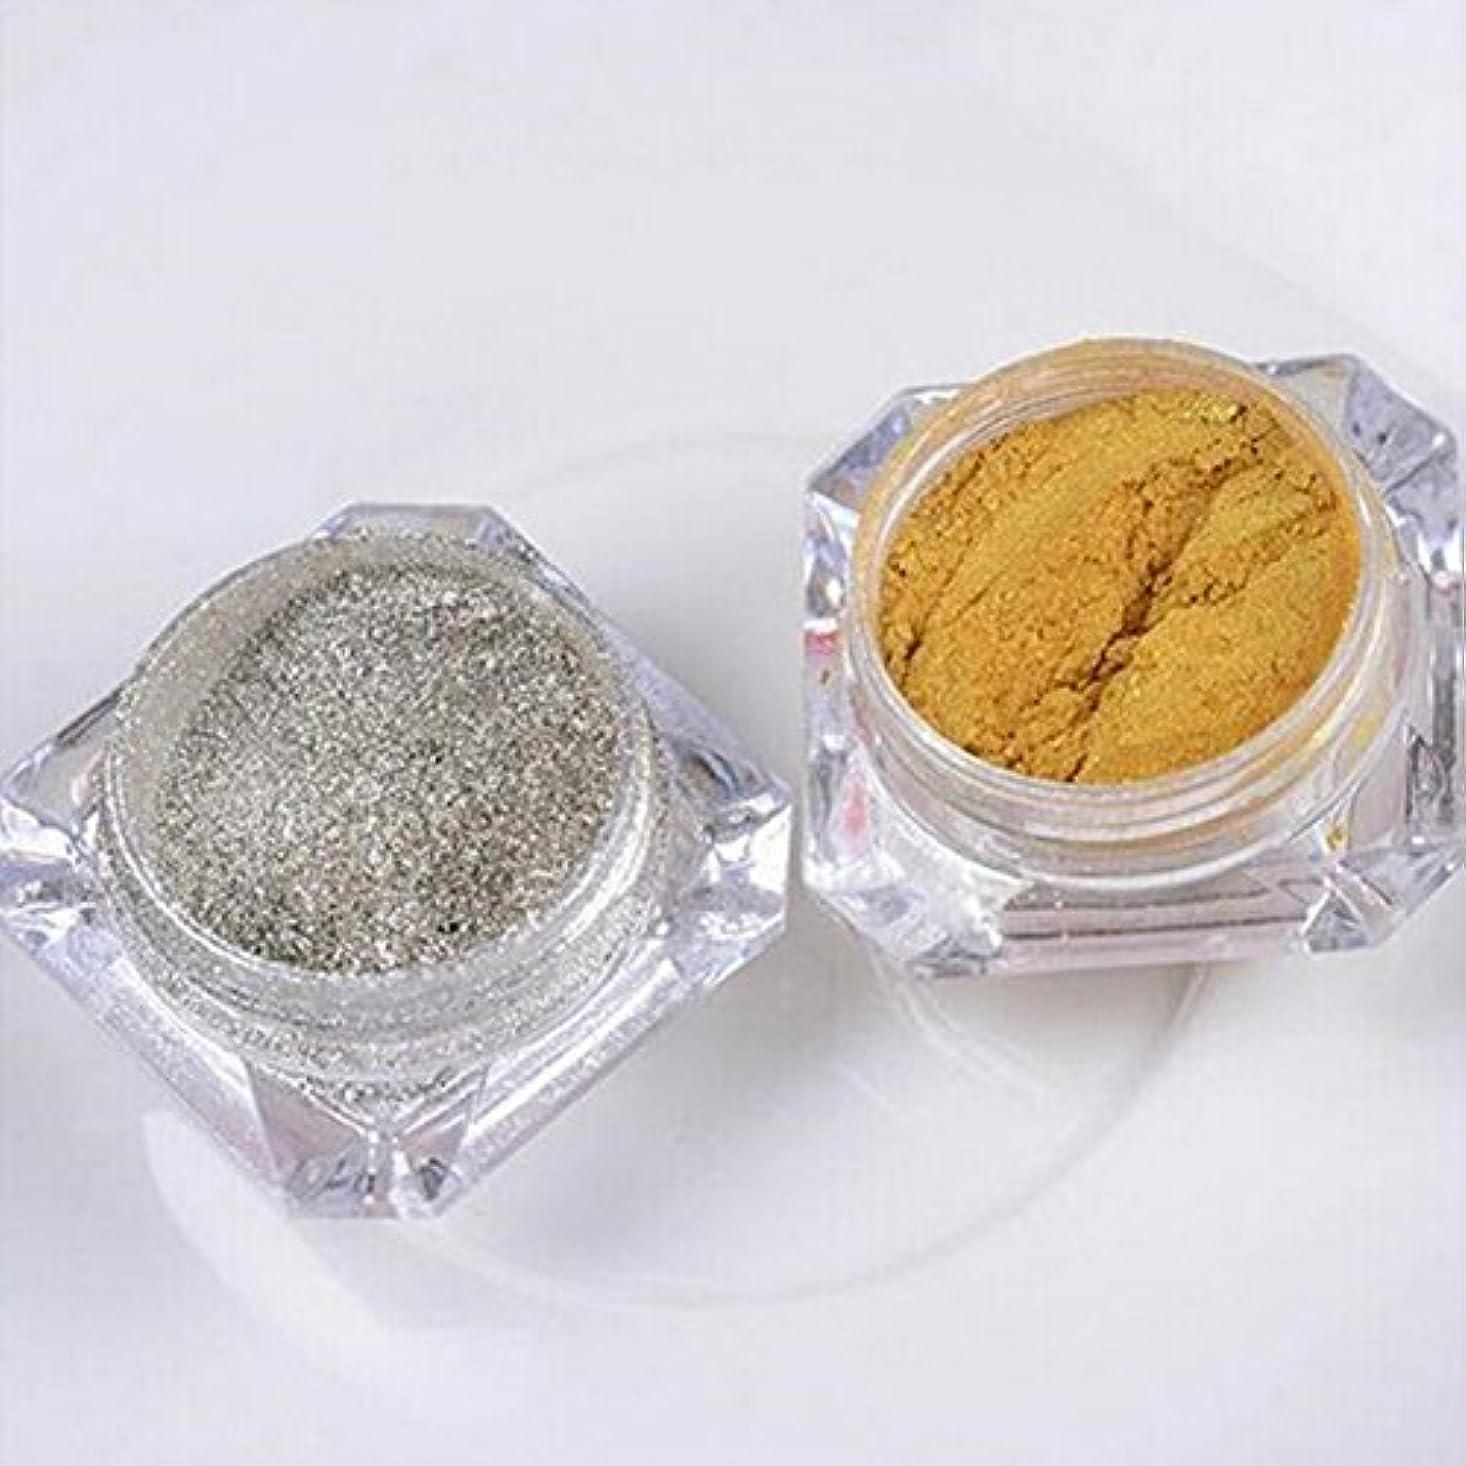 セージ返還注釈Doitsa フラッシュ ネイル用 パウダー ネイル 微分子 ラメグリッター スーパーフラッシュ スパンコール ゴールド シルバー 2色セット 各色3g入り